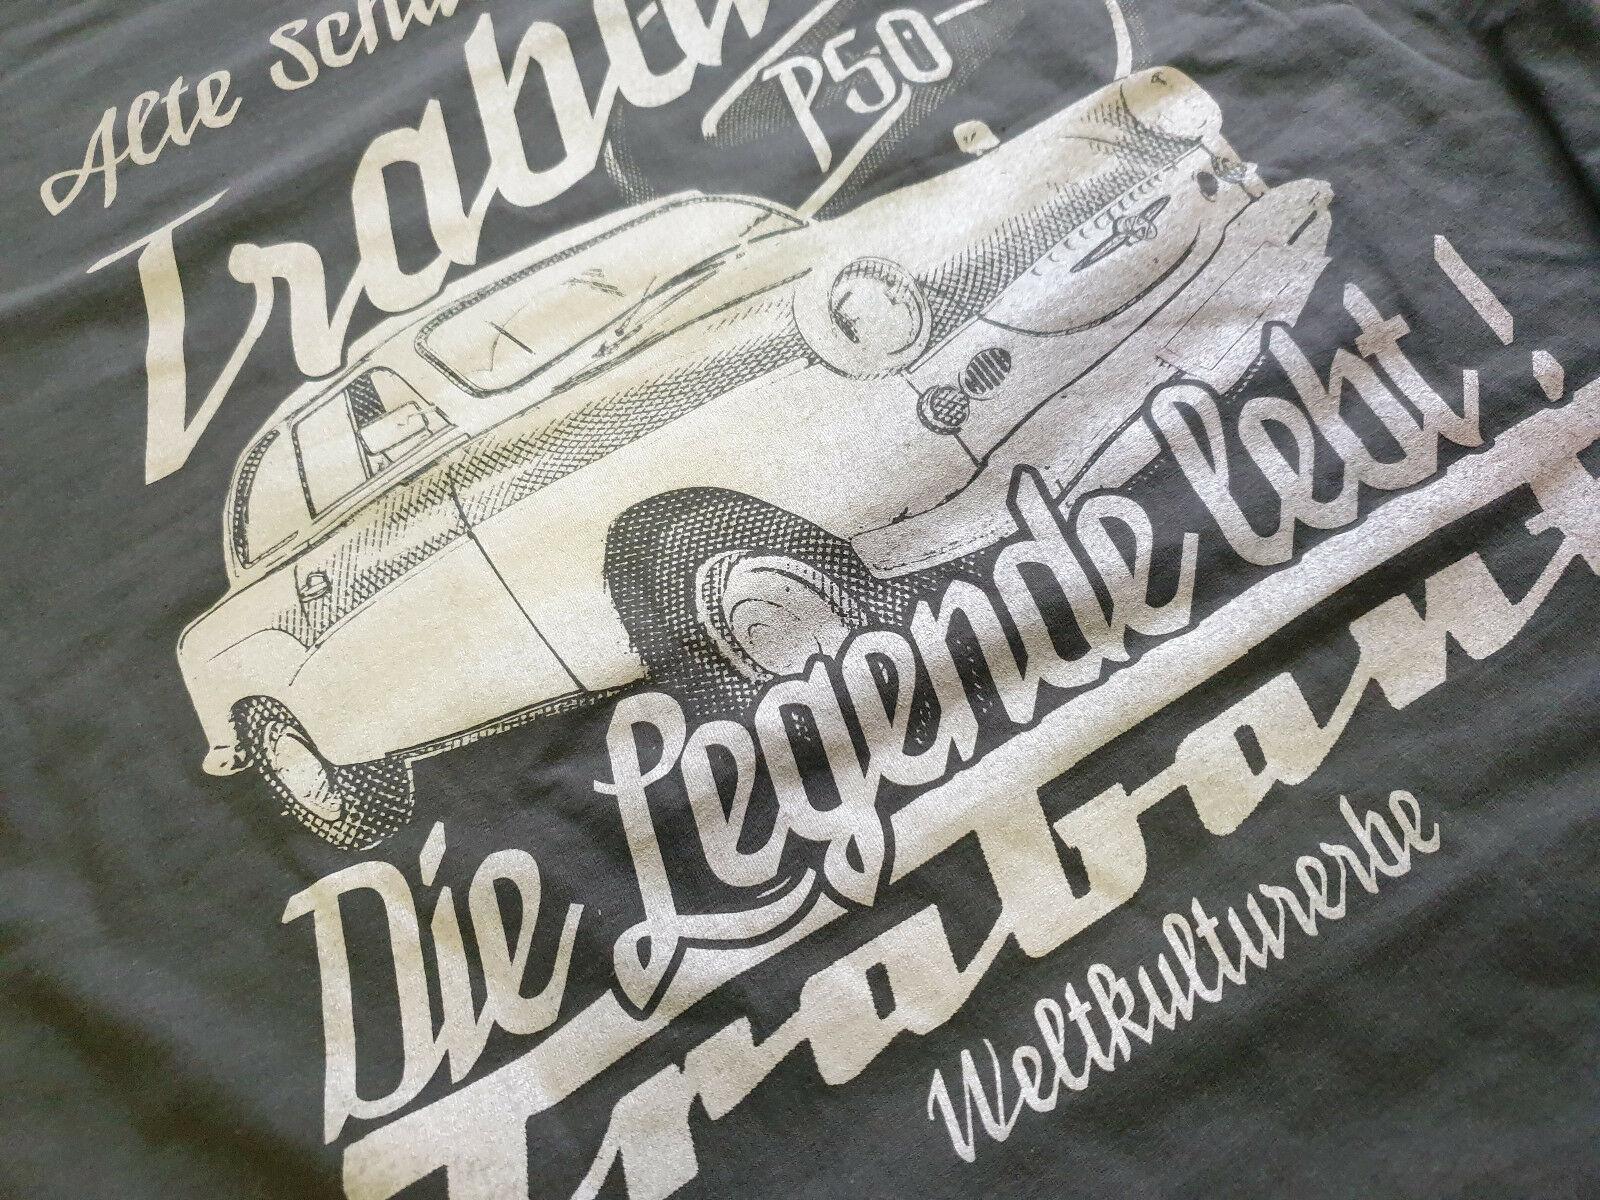 Trabant Die Legende T-Shirt Kult S51 DDR Trabant OSTKULT Weltkulturerbe P50